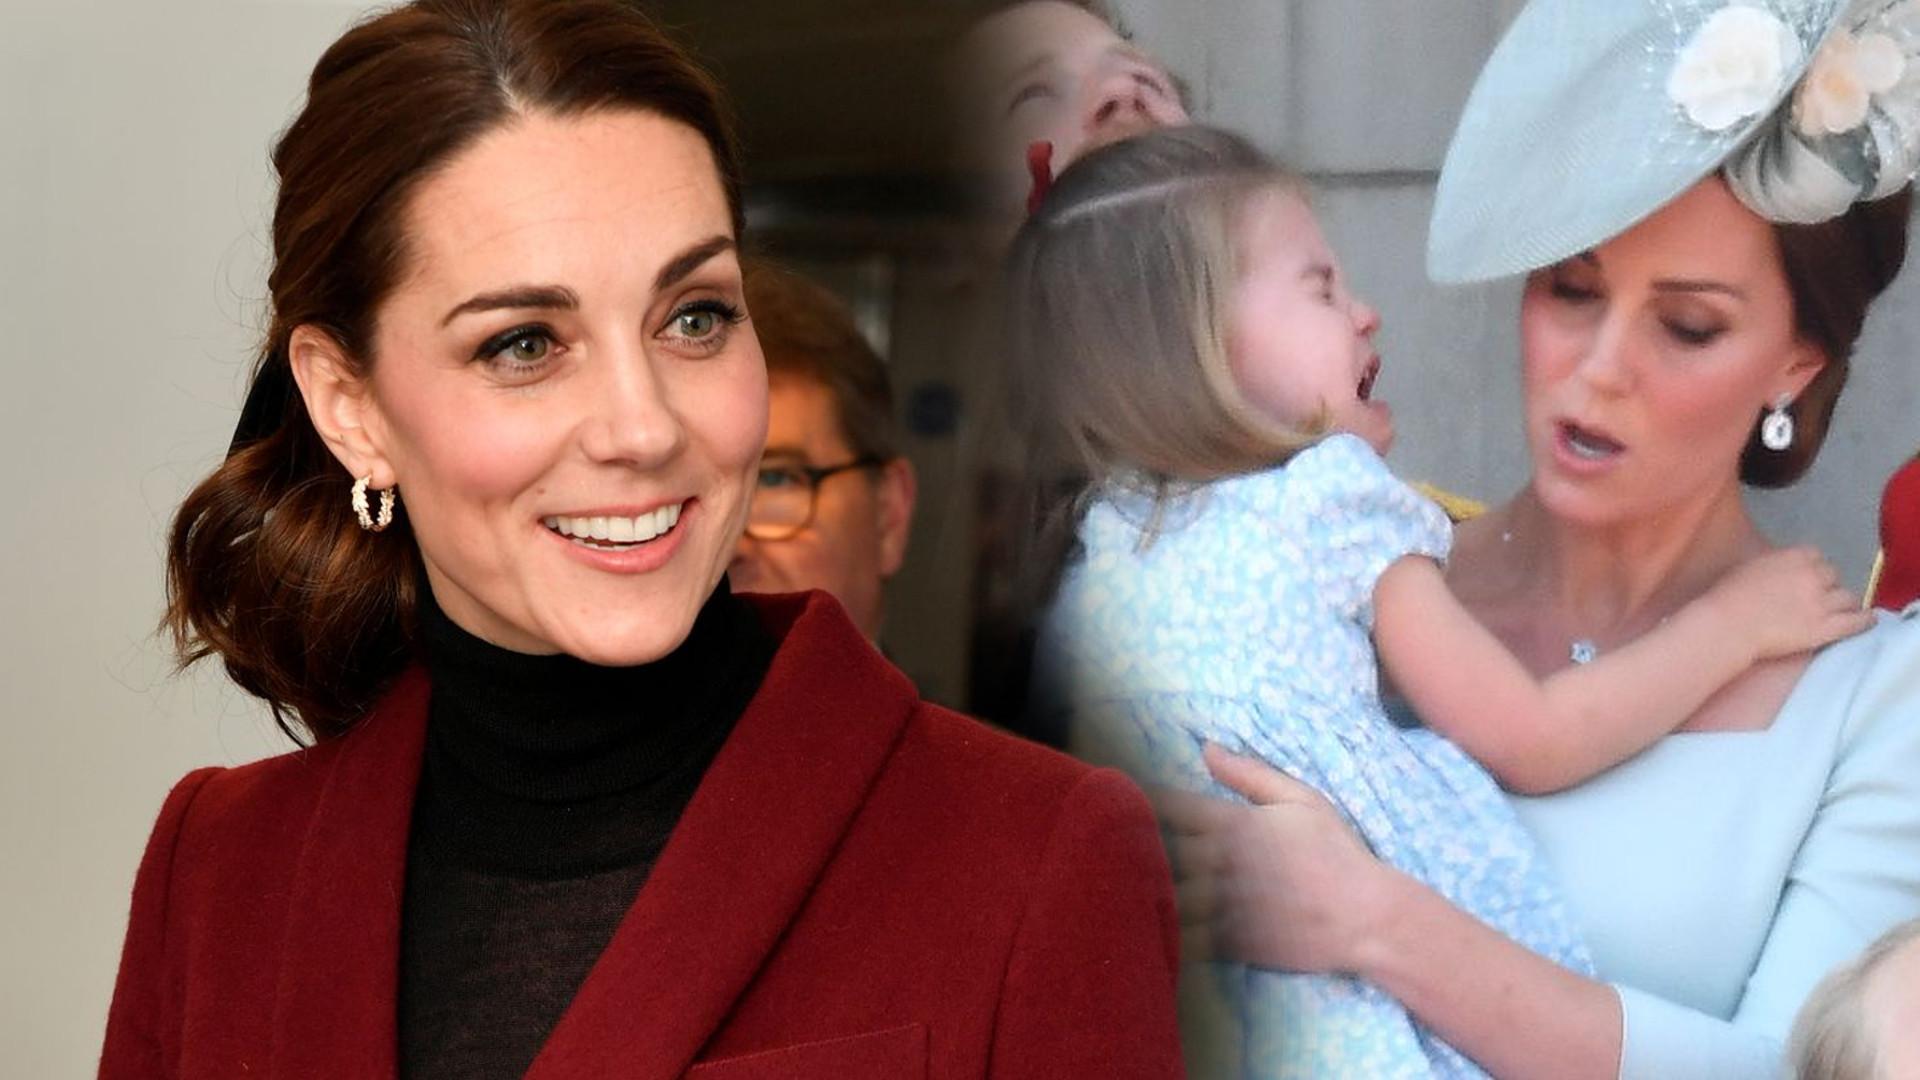 Nie uwierzycie, dokąd księżna Kate zaprowadziła Charlotte. Ludzie byli w SZOKU